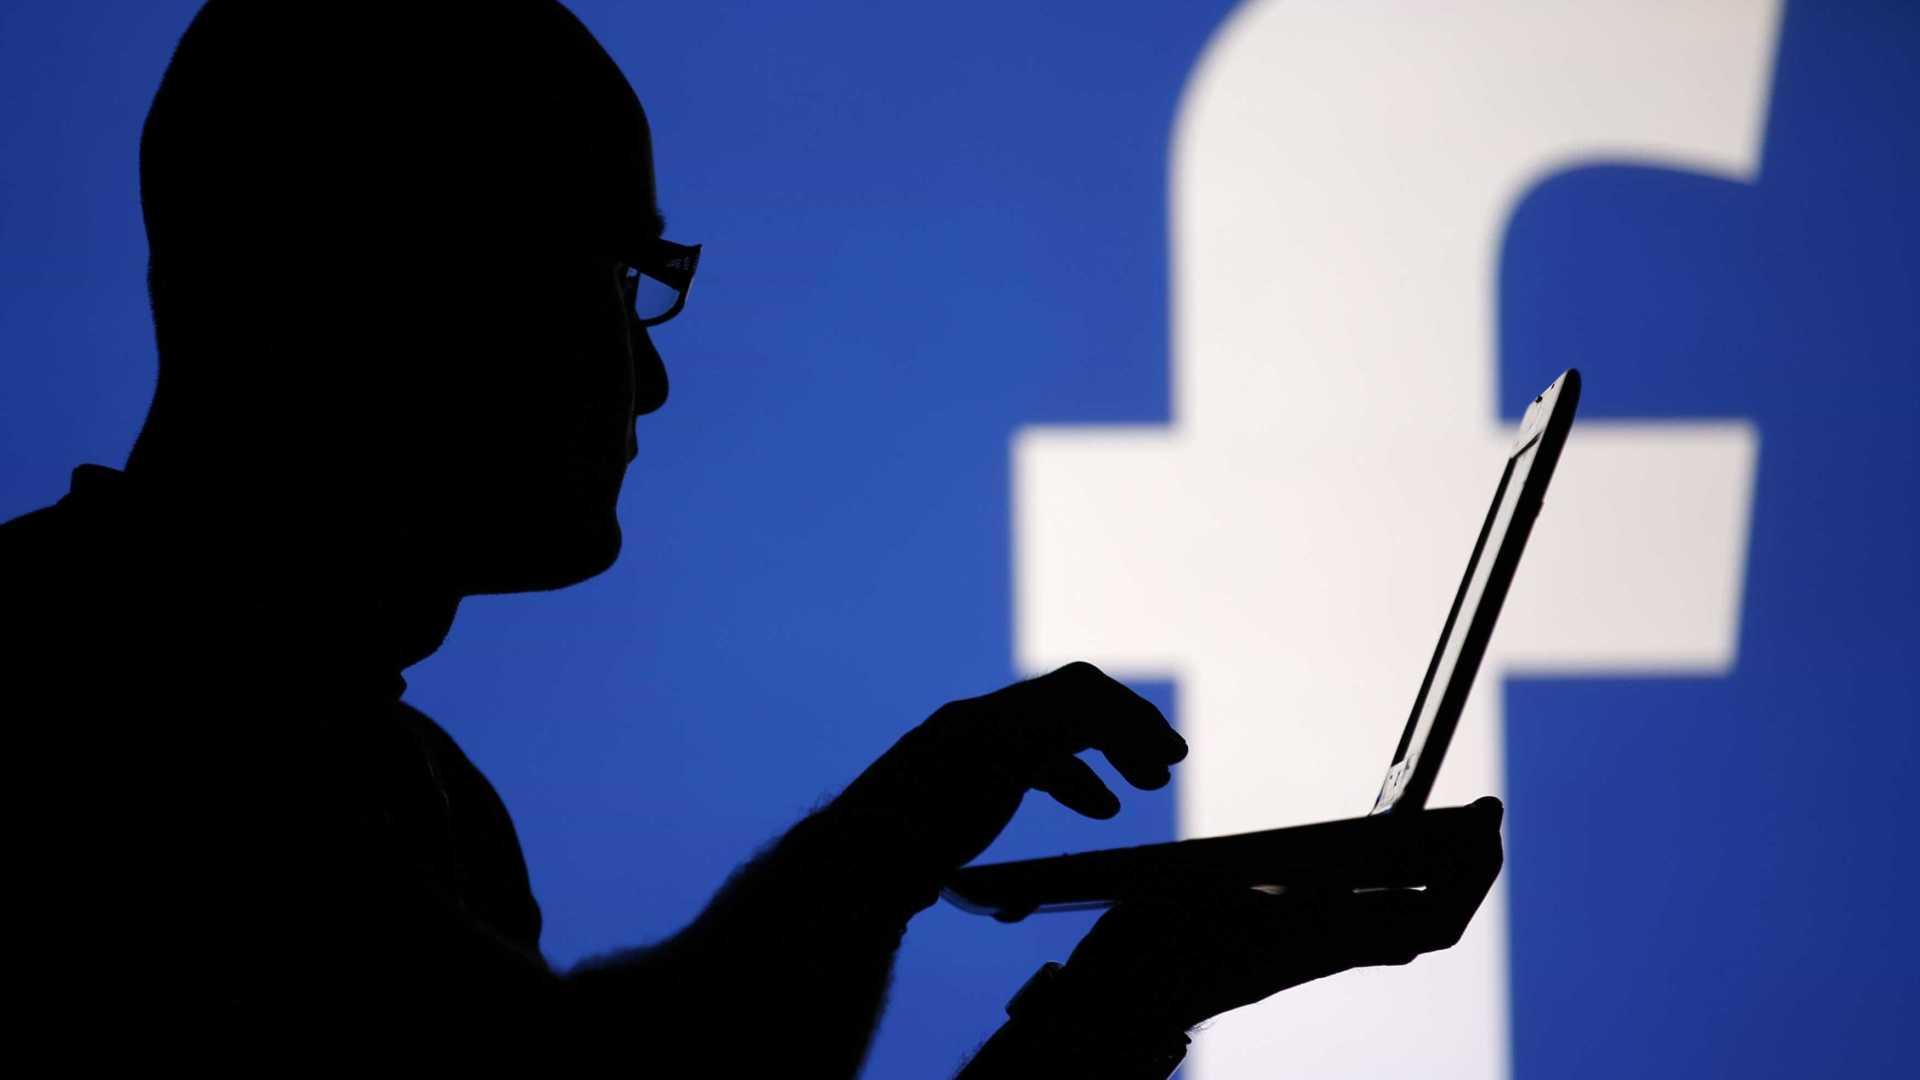 naom 520e4d5f705d9 - Descubra o que o Facebook sabe sobre você (e por que isso importa)